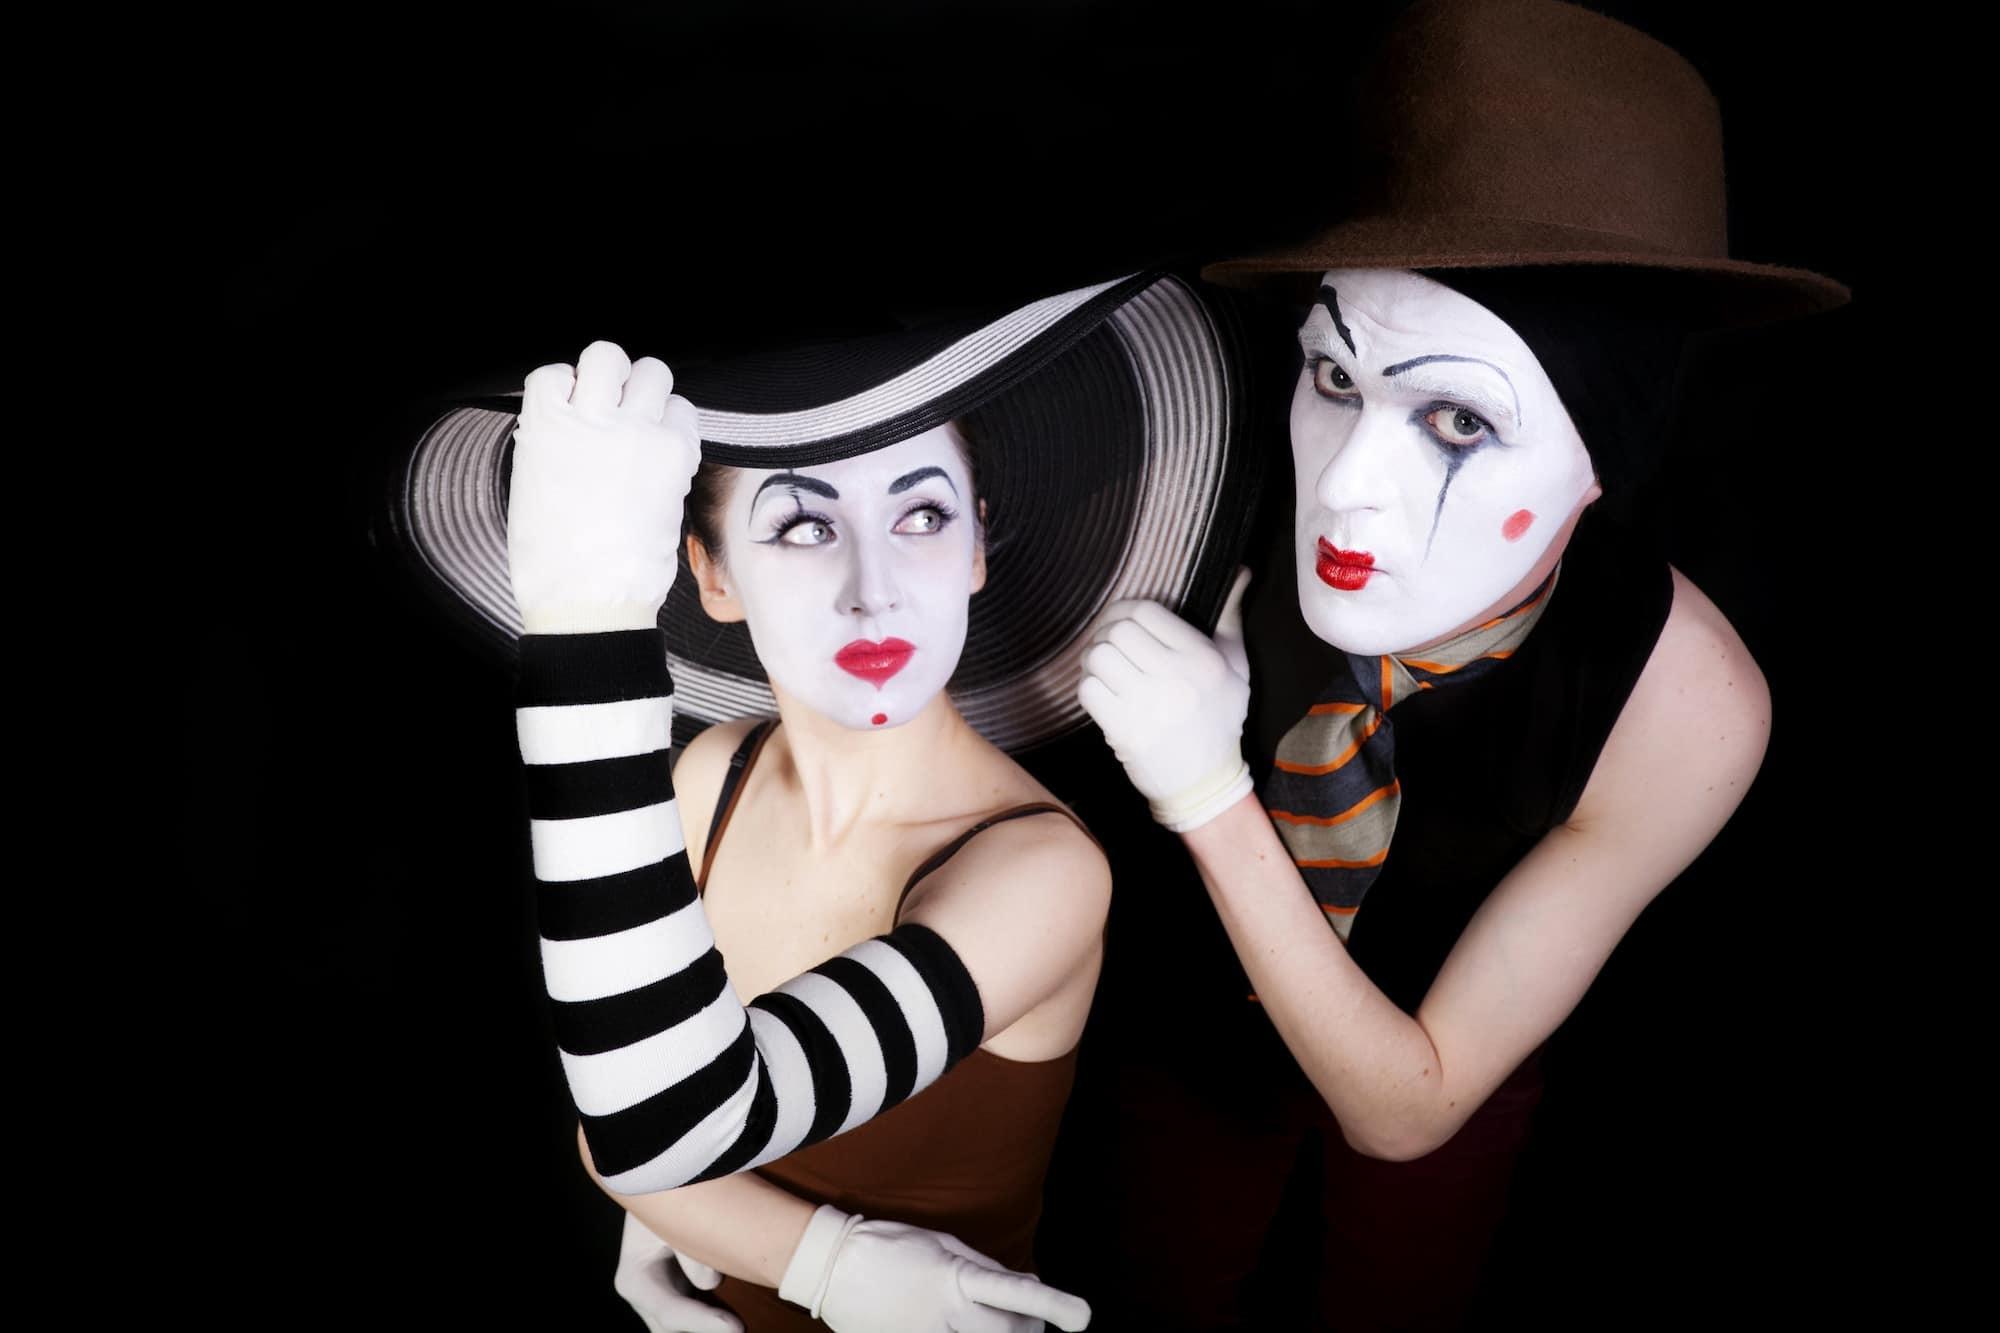 La Dipendenza Mascherata: un fantasma che ama nascondersi | Dipendiamo.blog